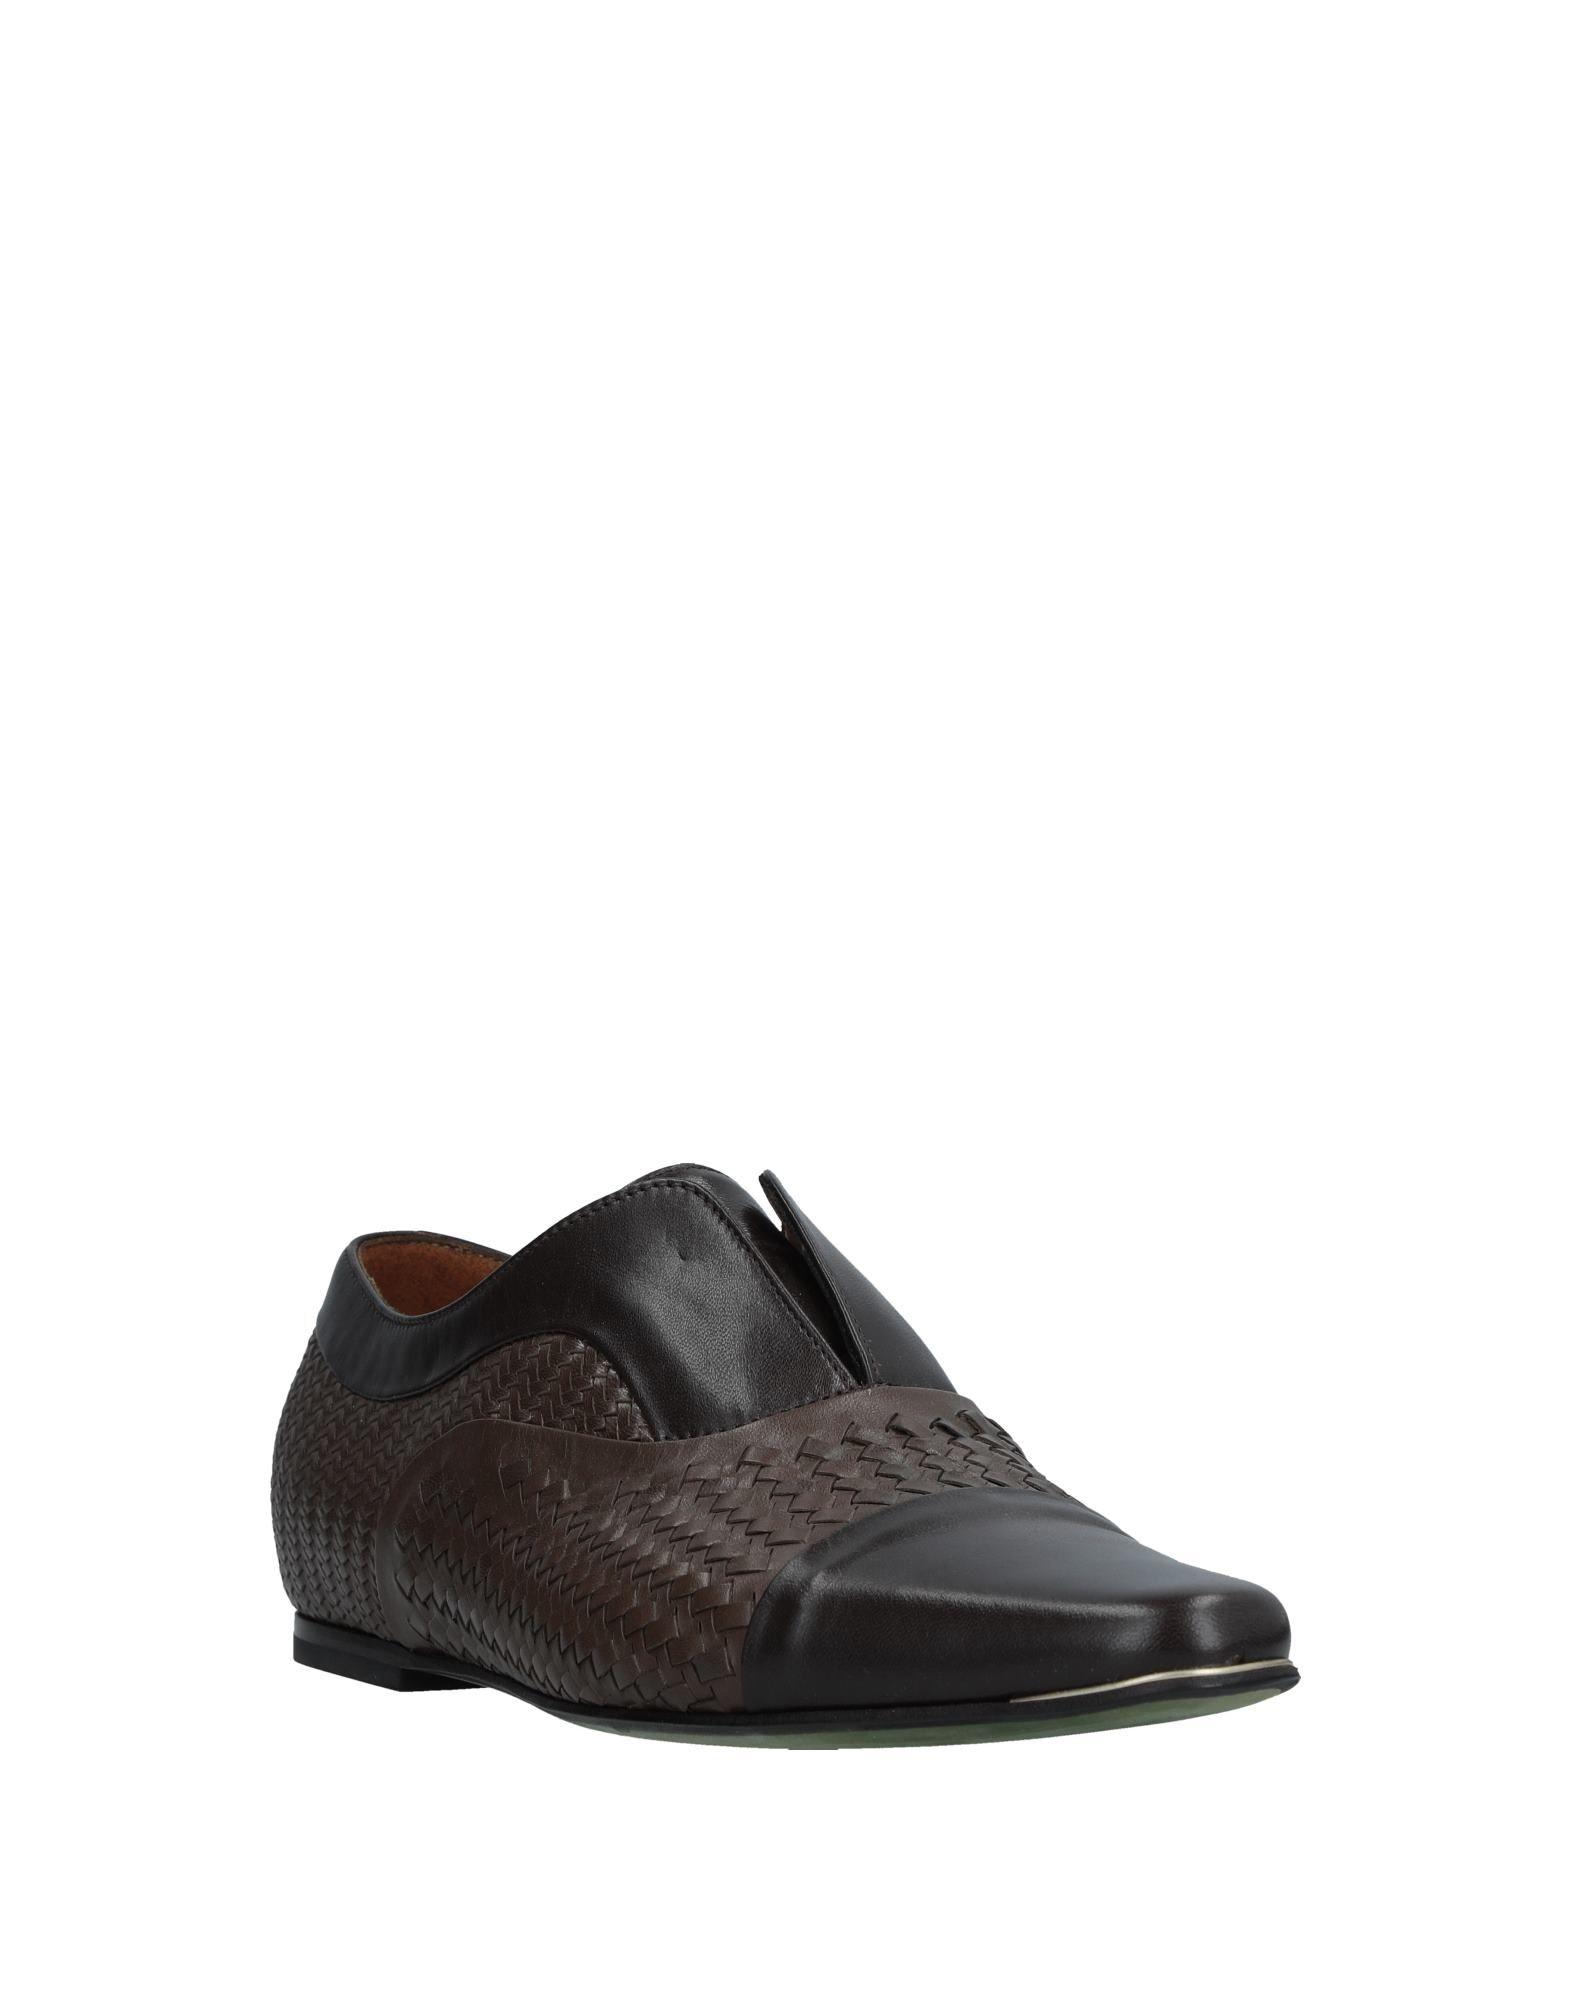 Etro Mokassins Herren   Herren 11523781QR Gute Qualität beliebte Schuhe 845574